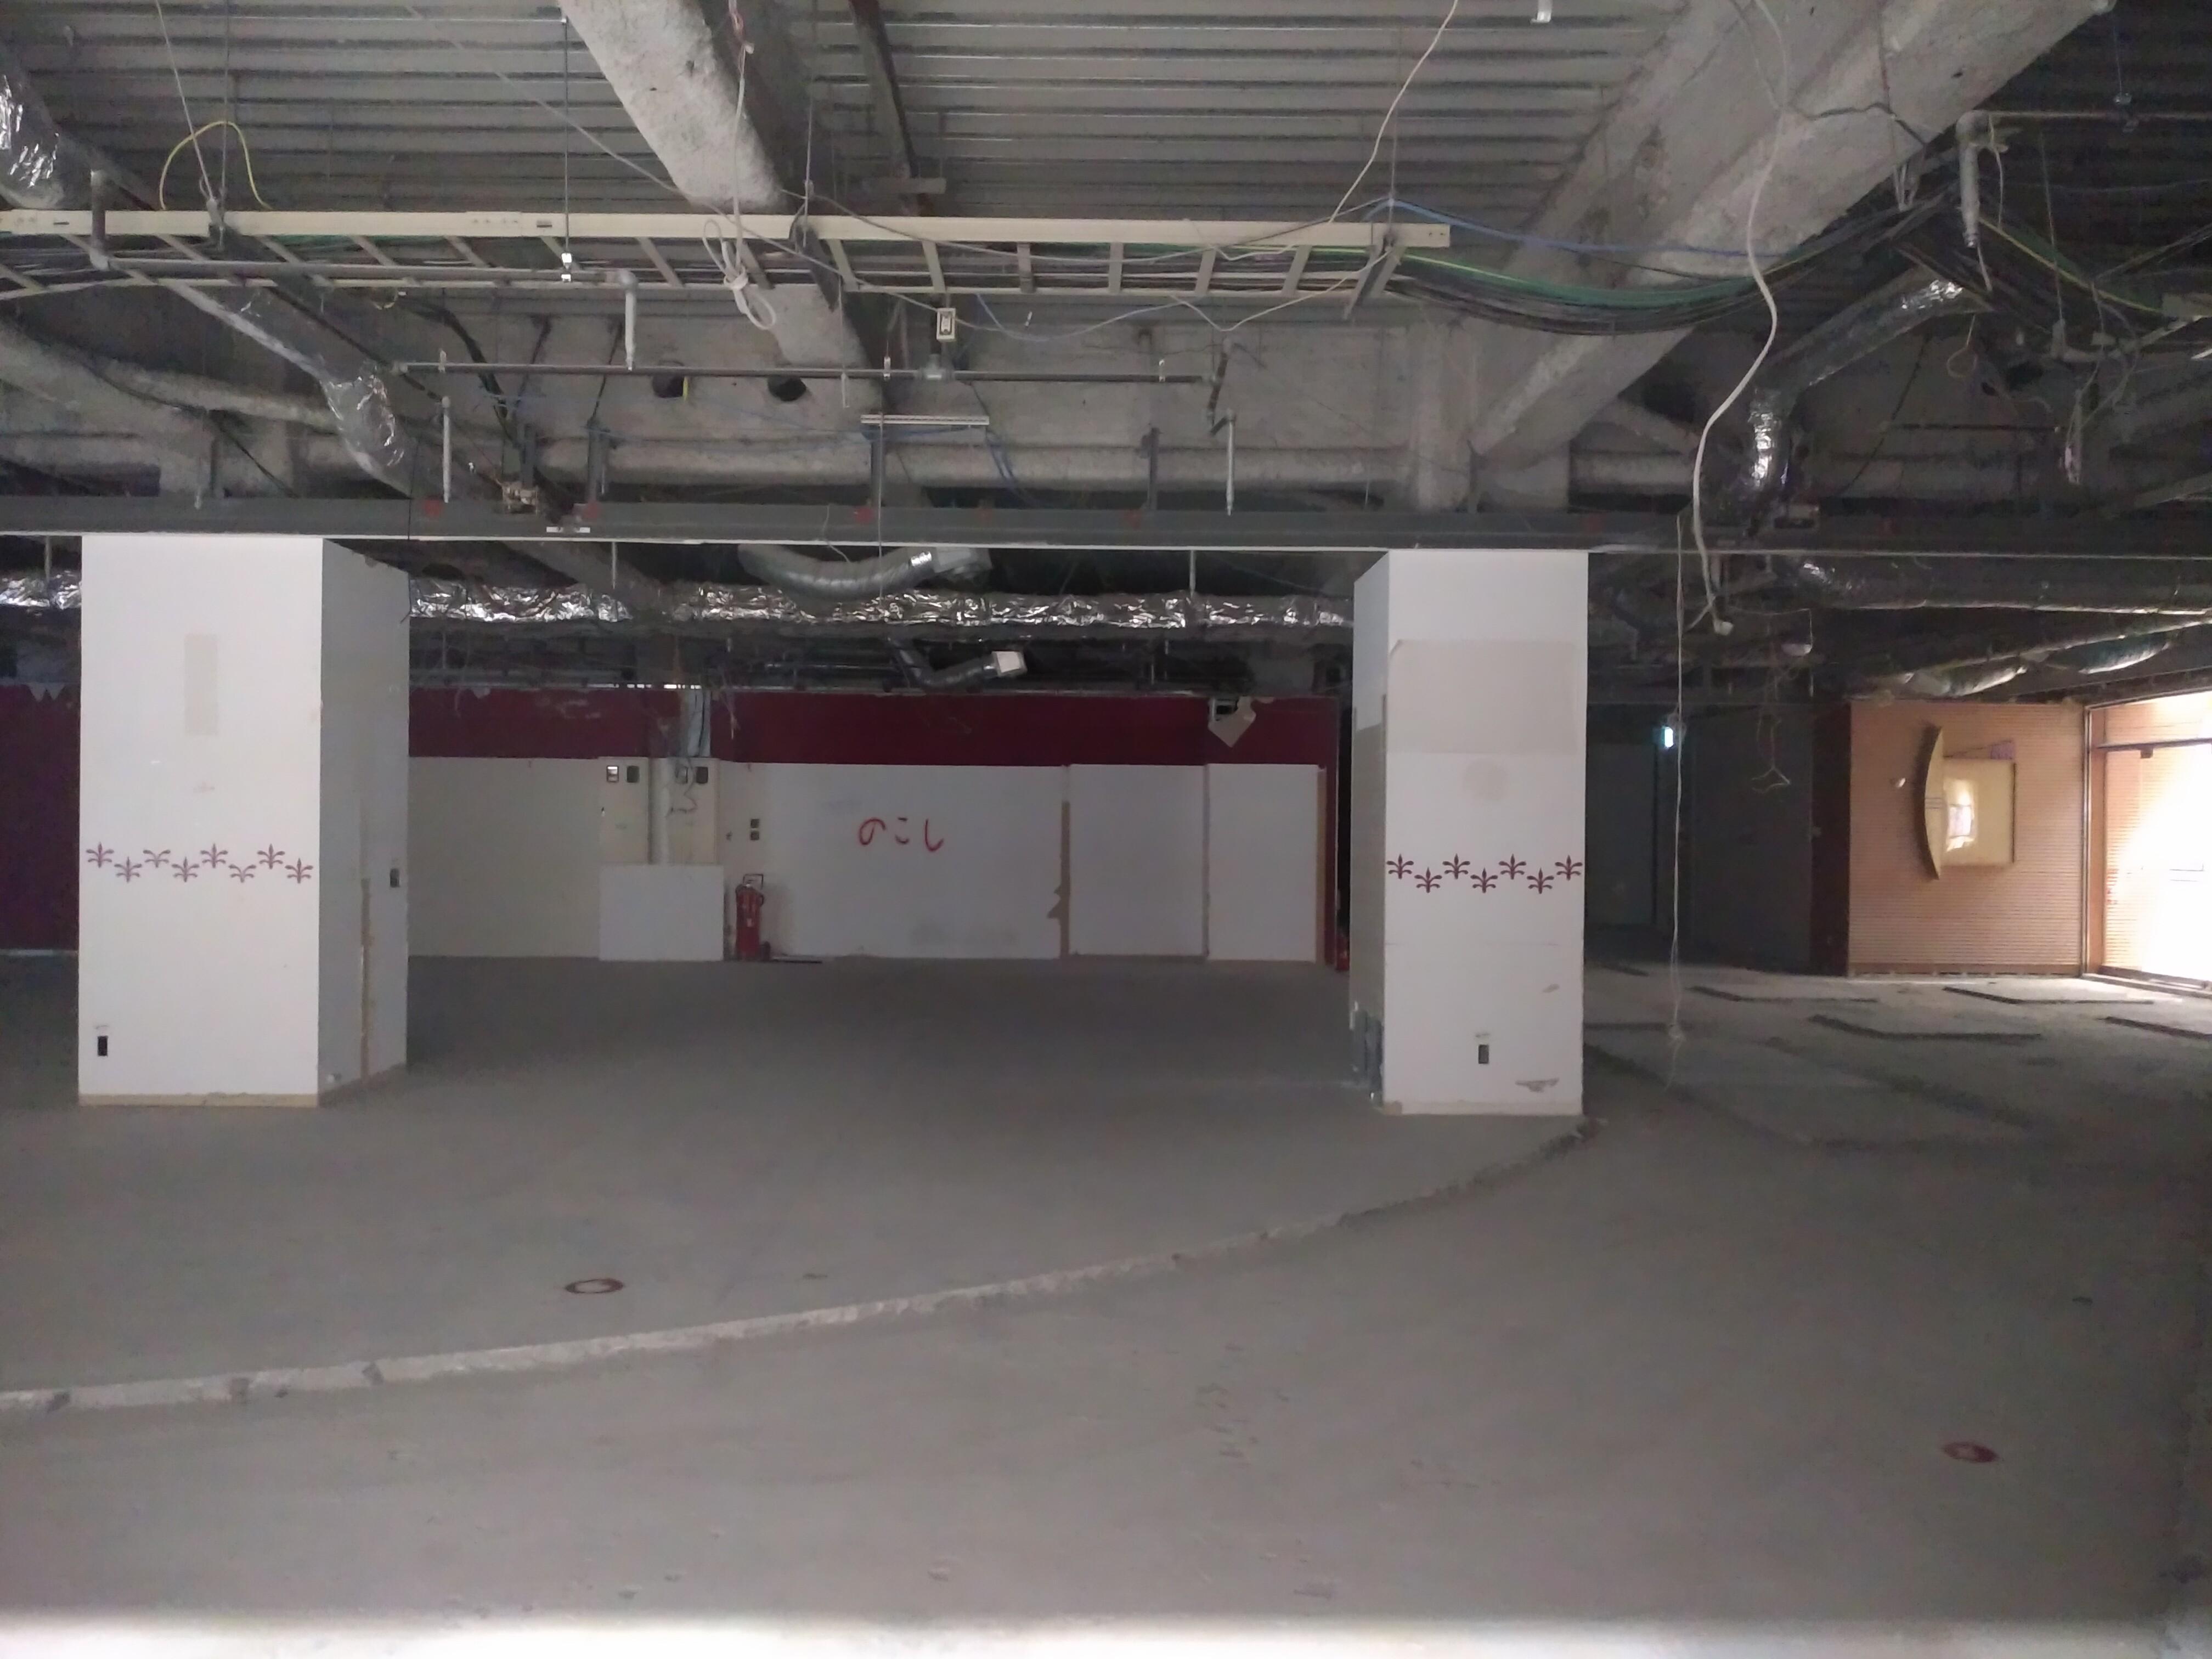 《珍事》Rink3階のシャッターが開く